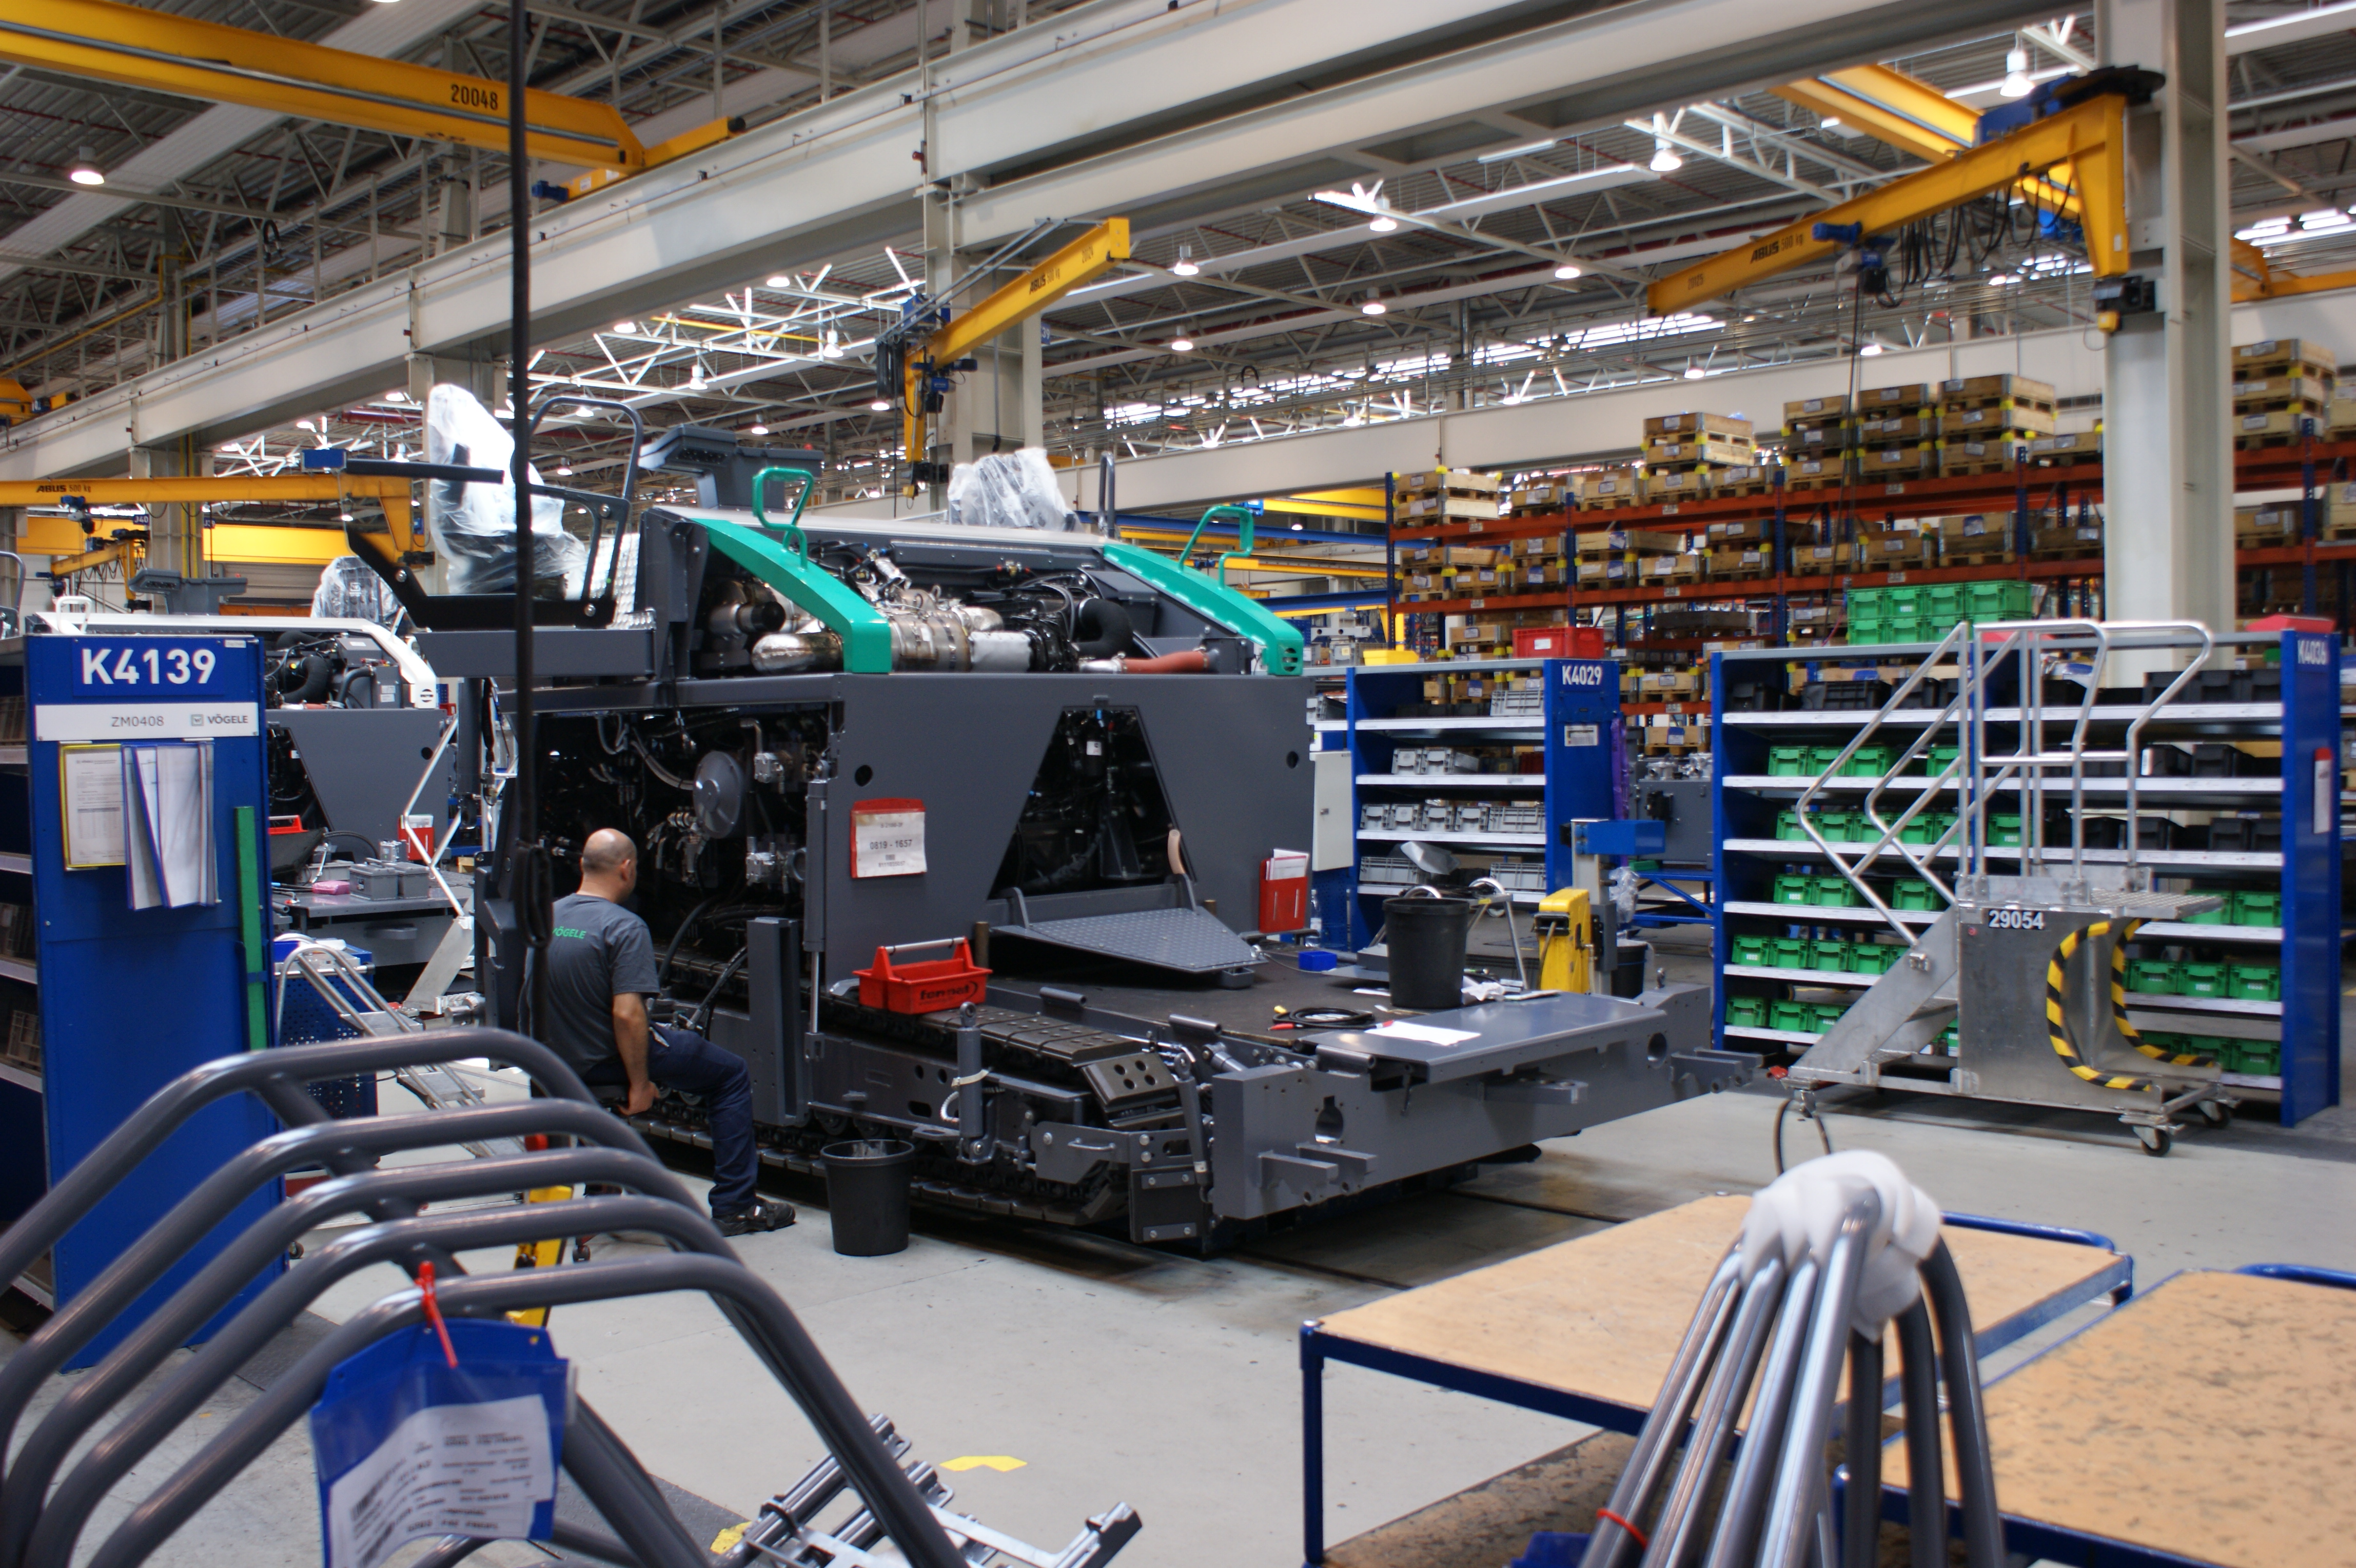 <p>De productie van asfaltmachines loopt bij Vögele in rap tempo op. Het bedrijf verwacht een productiegroei van 40%. Om die groei in goede banen te leiden, wordt de fabriek in Ludwigshafen flink vergroot.</p>